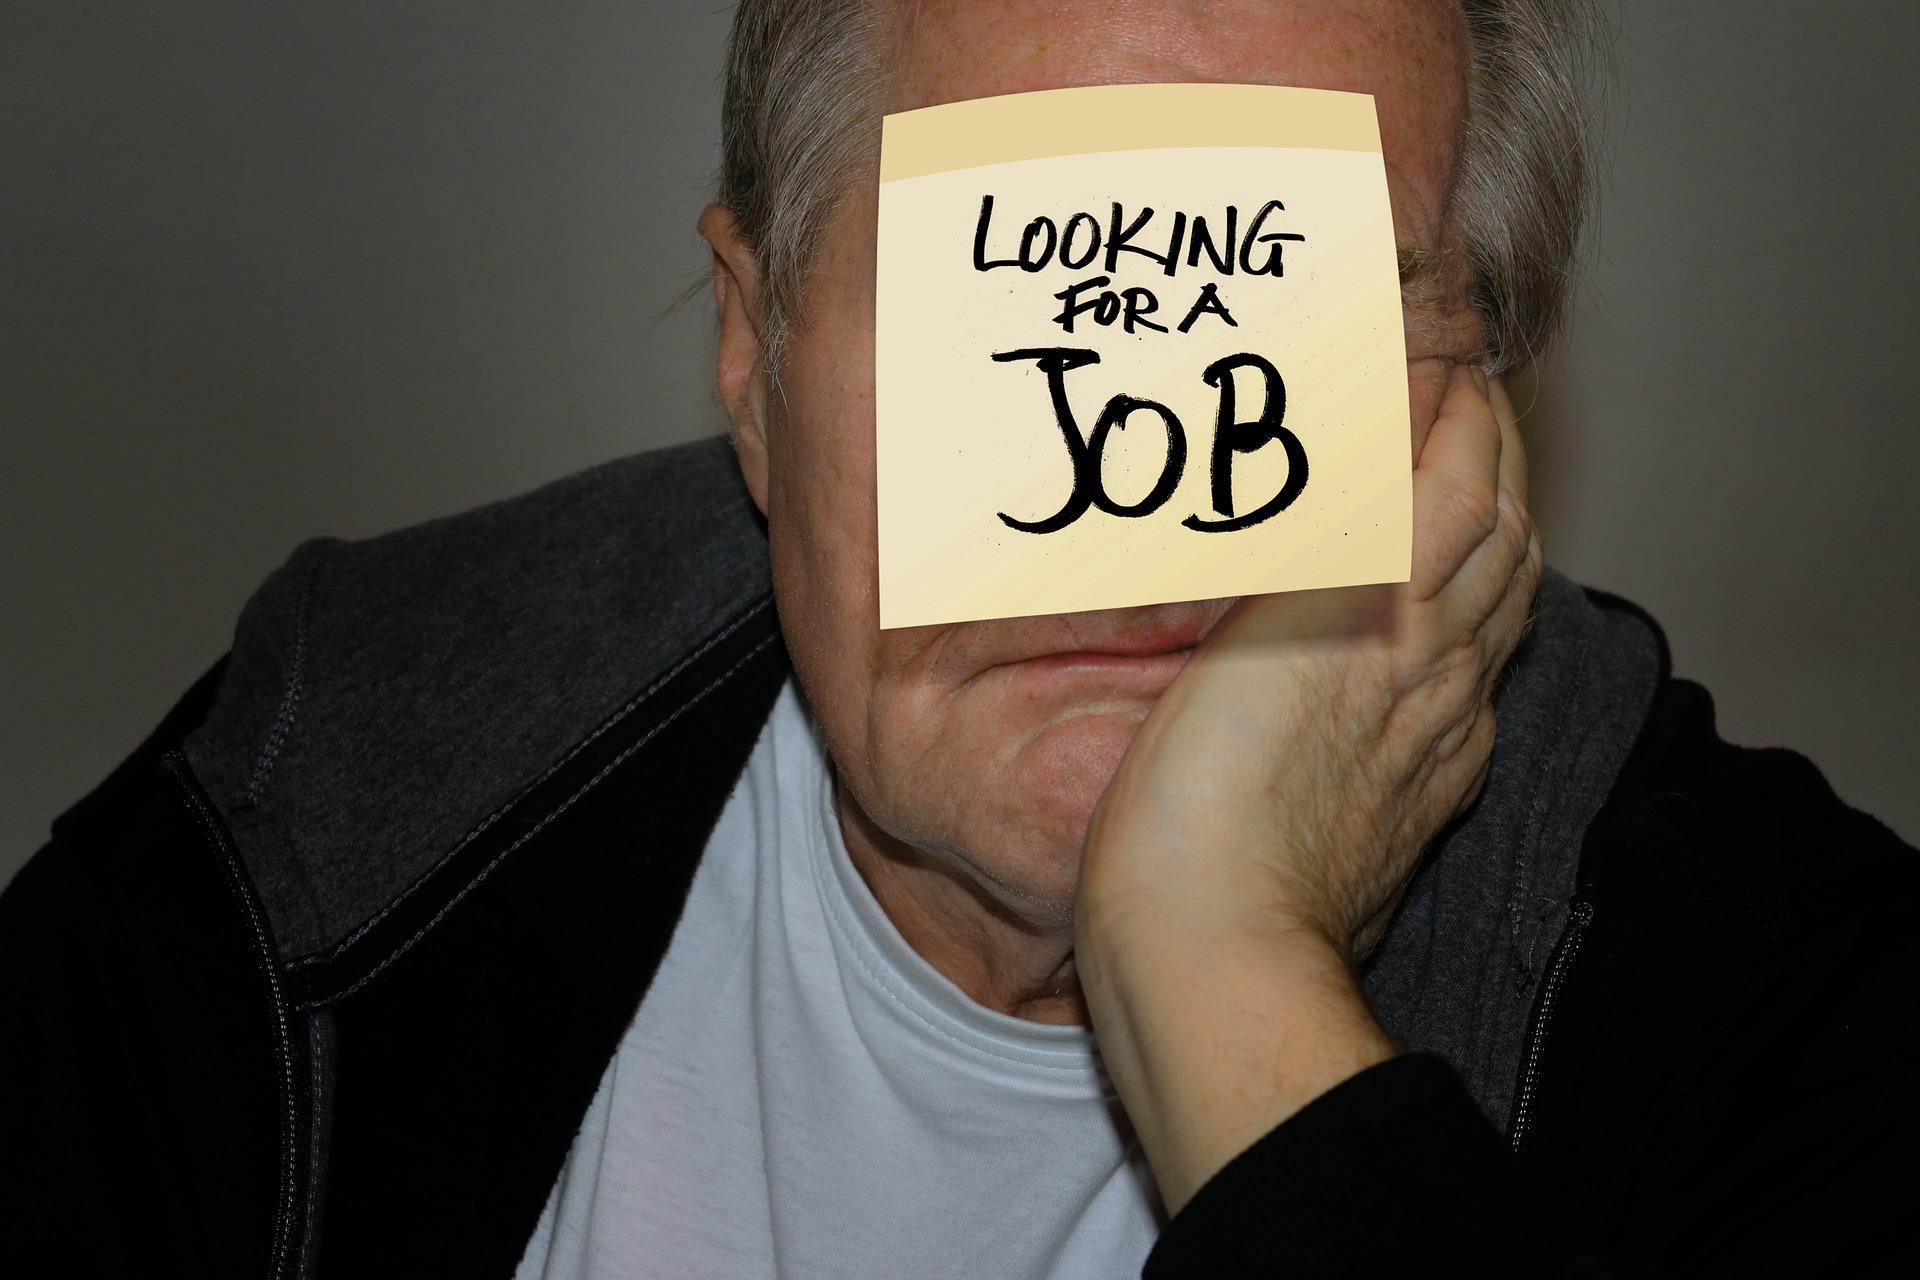 Zakaj za vraga imamo zavod za zaposlovanje